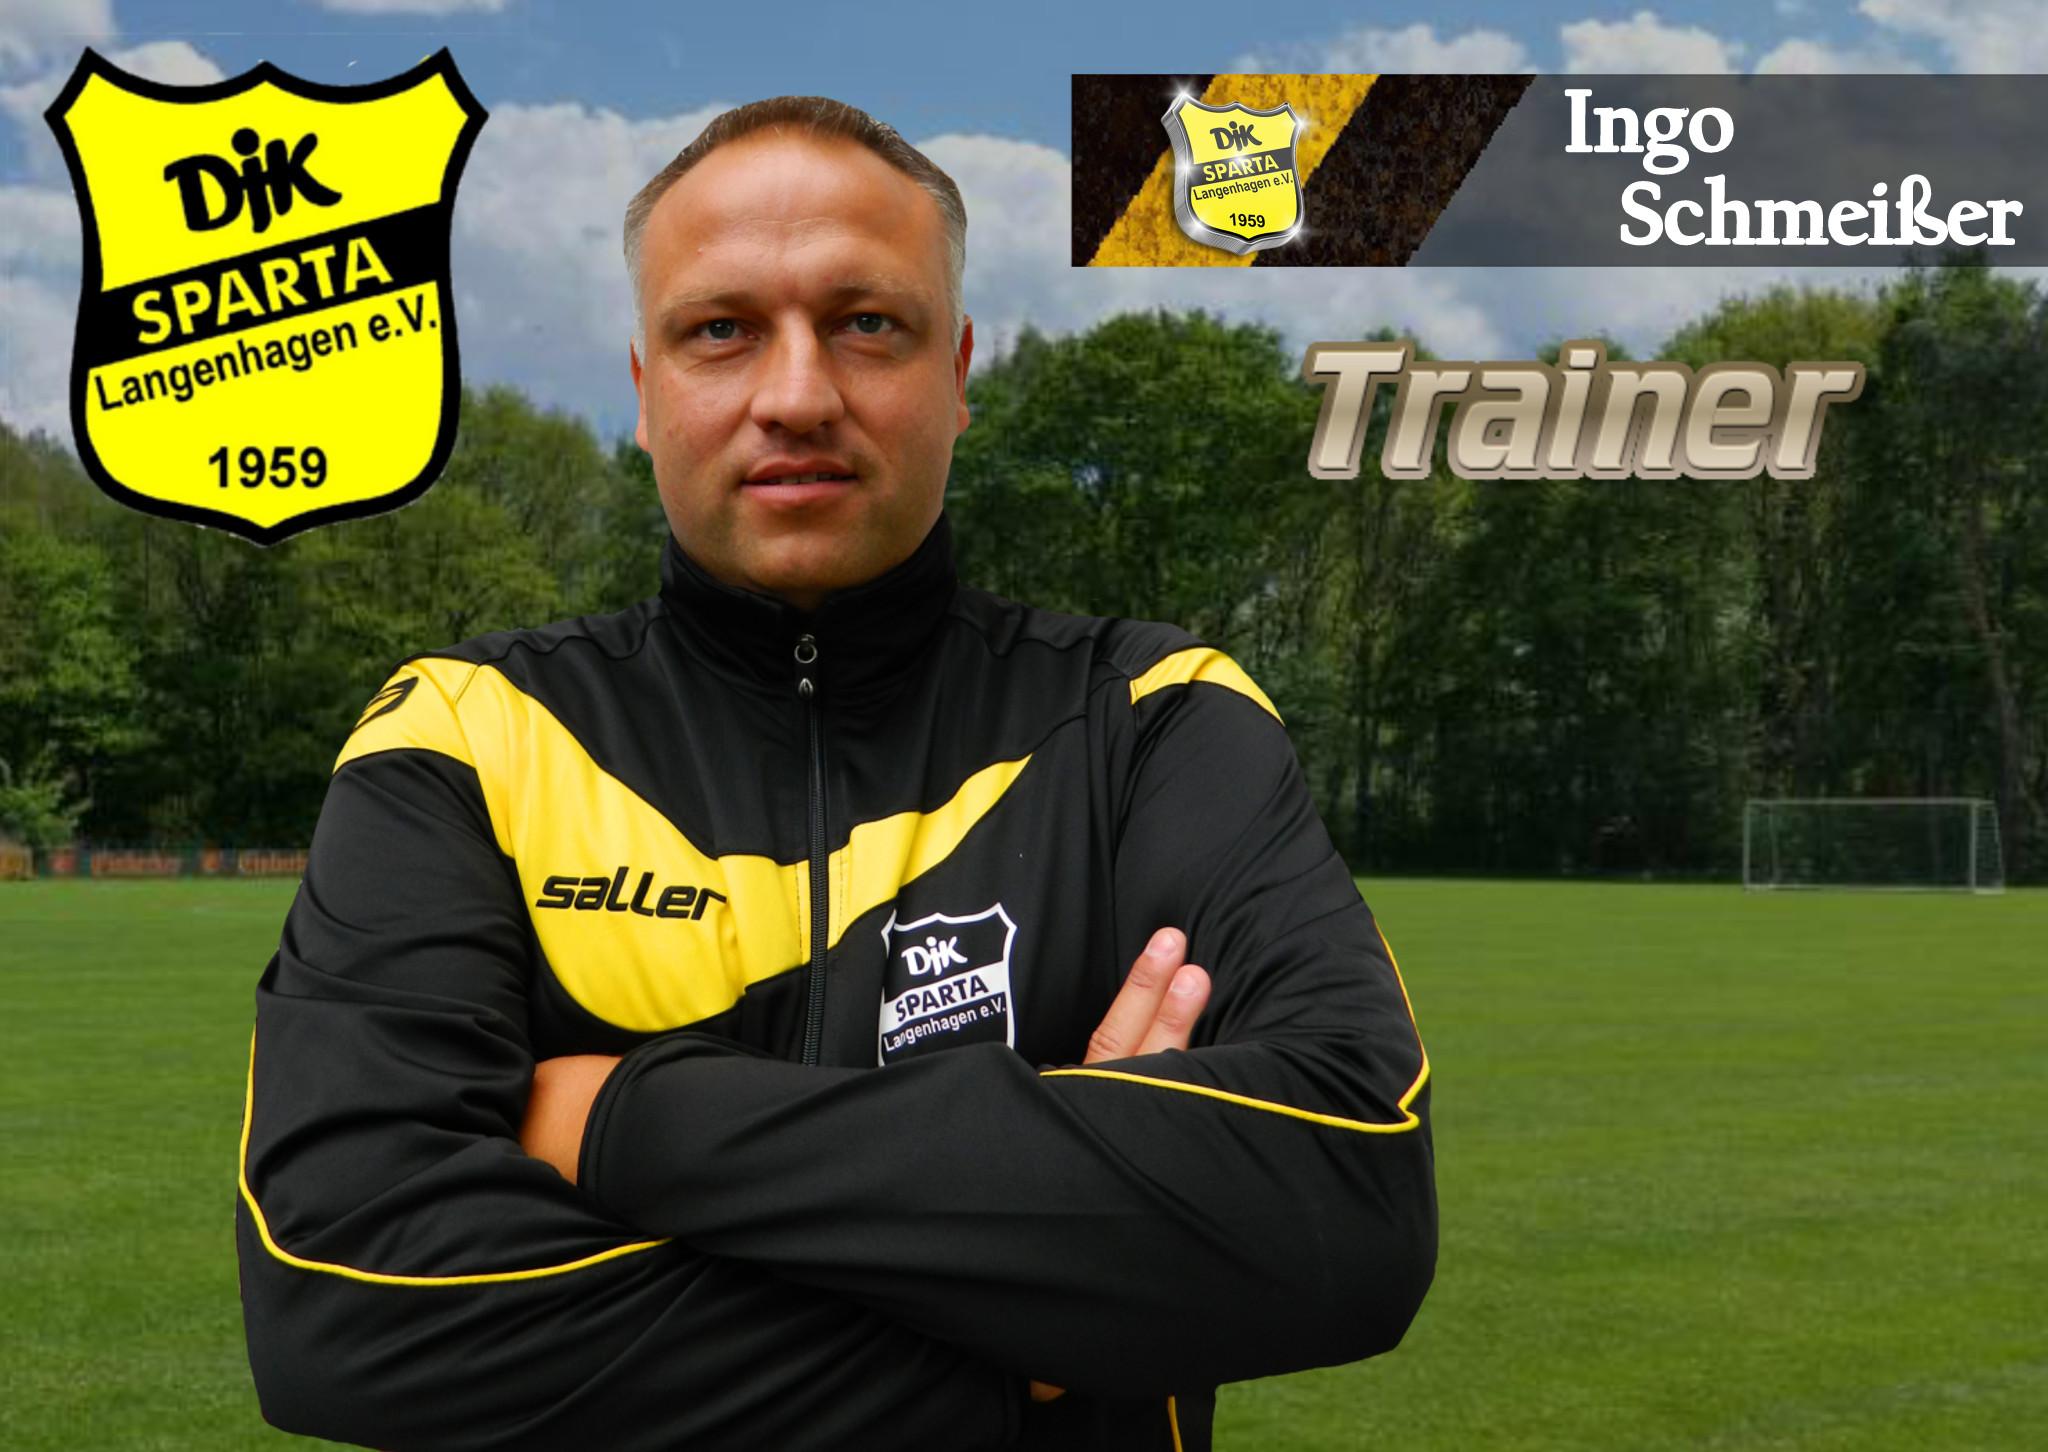 Foto / Portrait Trainer Ingo Schmeißer